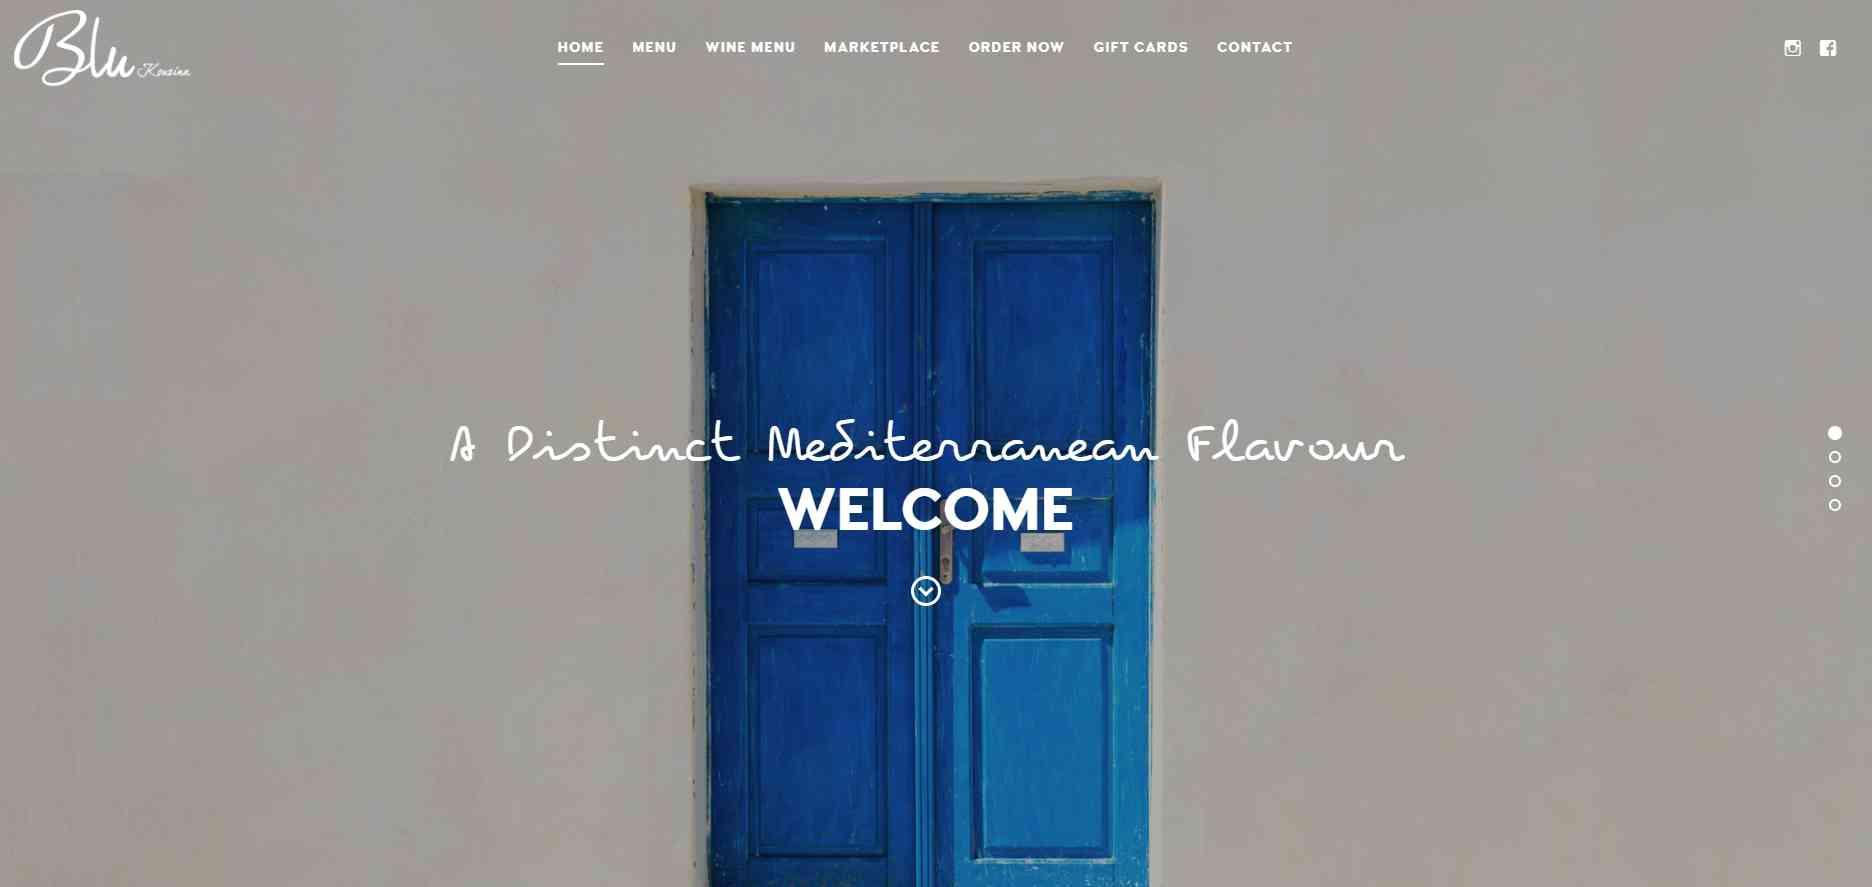 blu kouzina Top Mediterranean Restaurants in Singapore